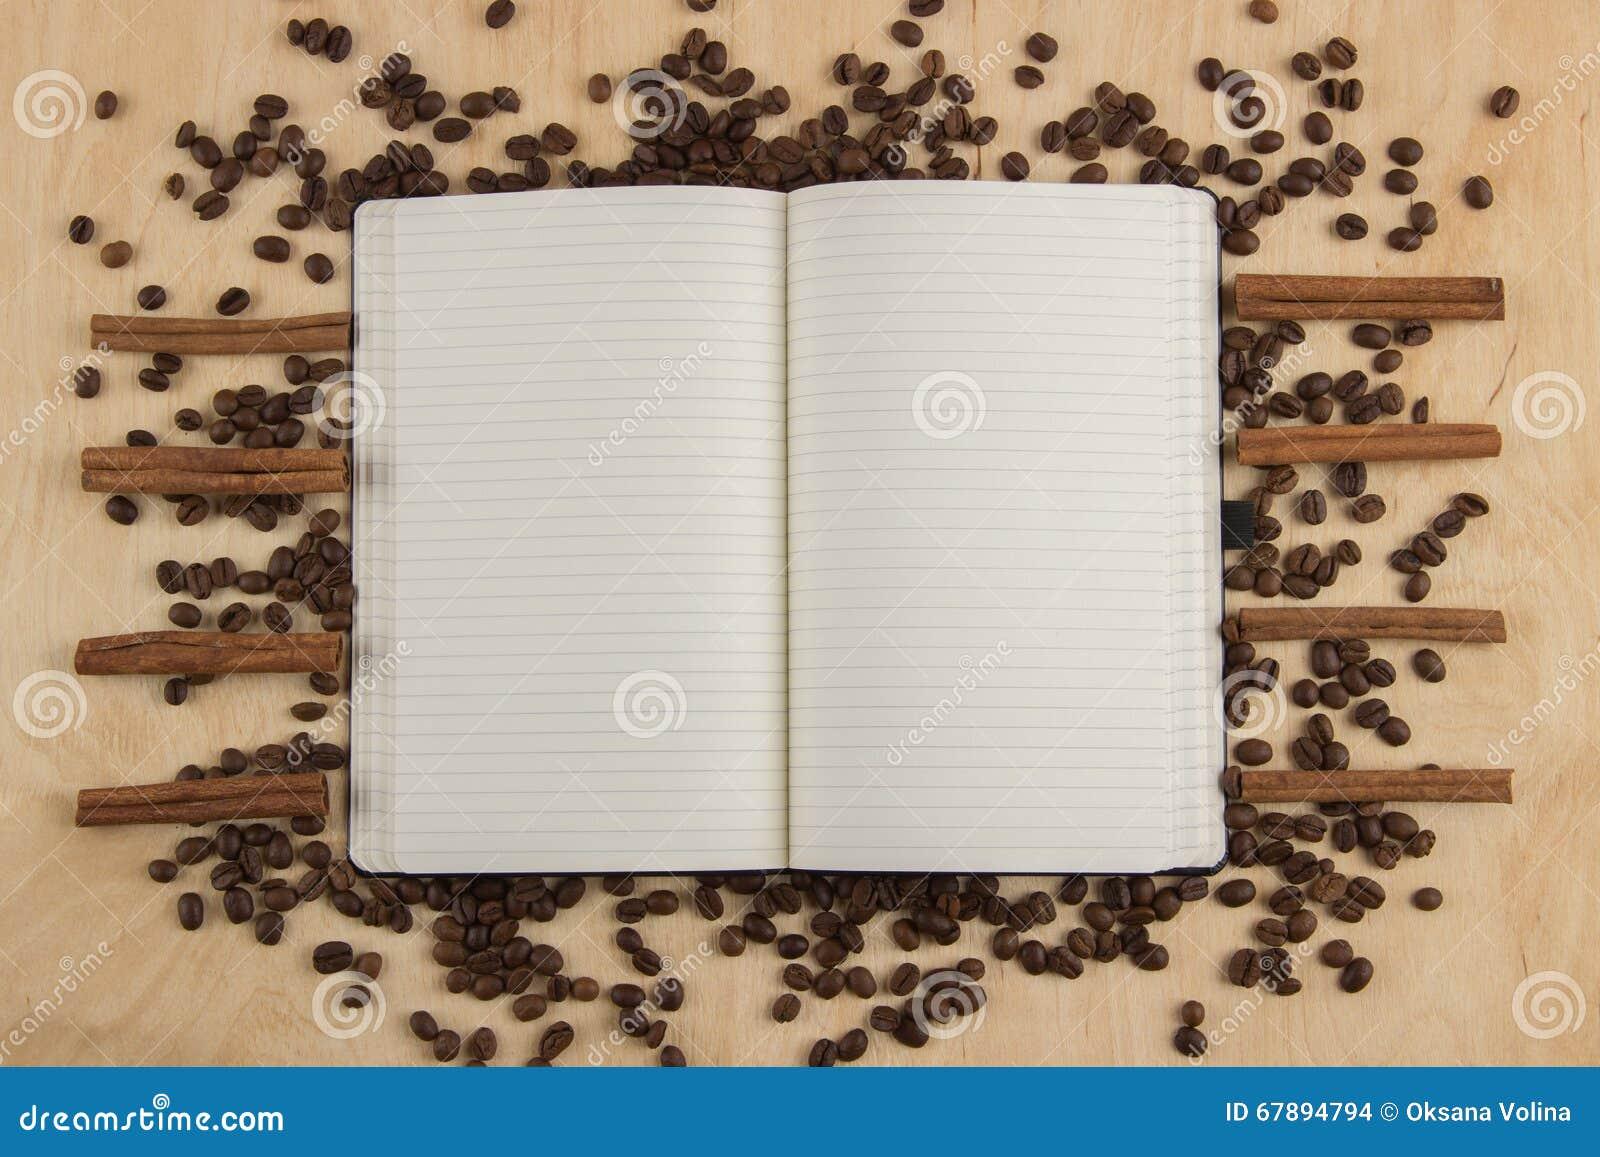 Öppen anteckningsbok med fodrade sidor på en tabell som sprids på